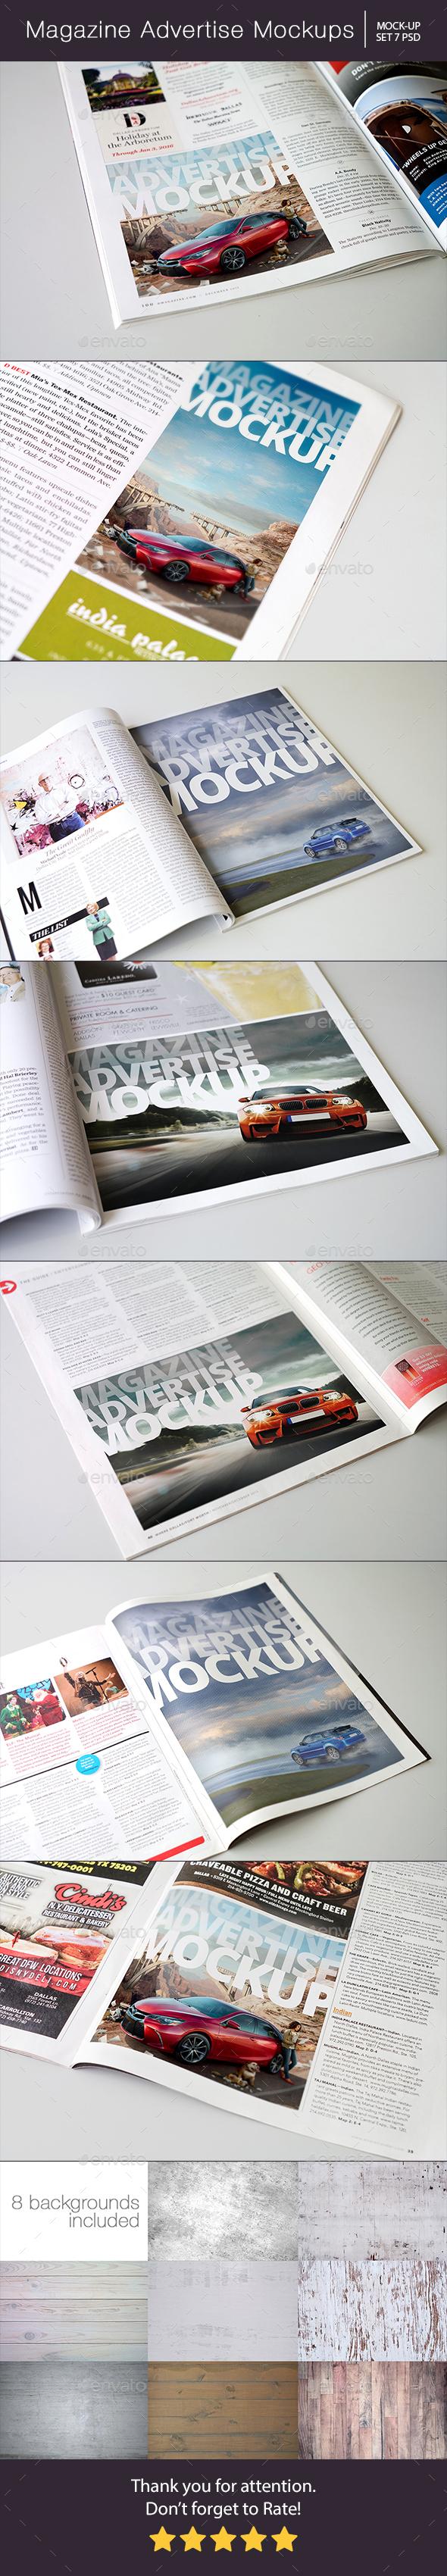 Magazine Advertise Mockups - Magazines Print